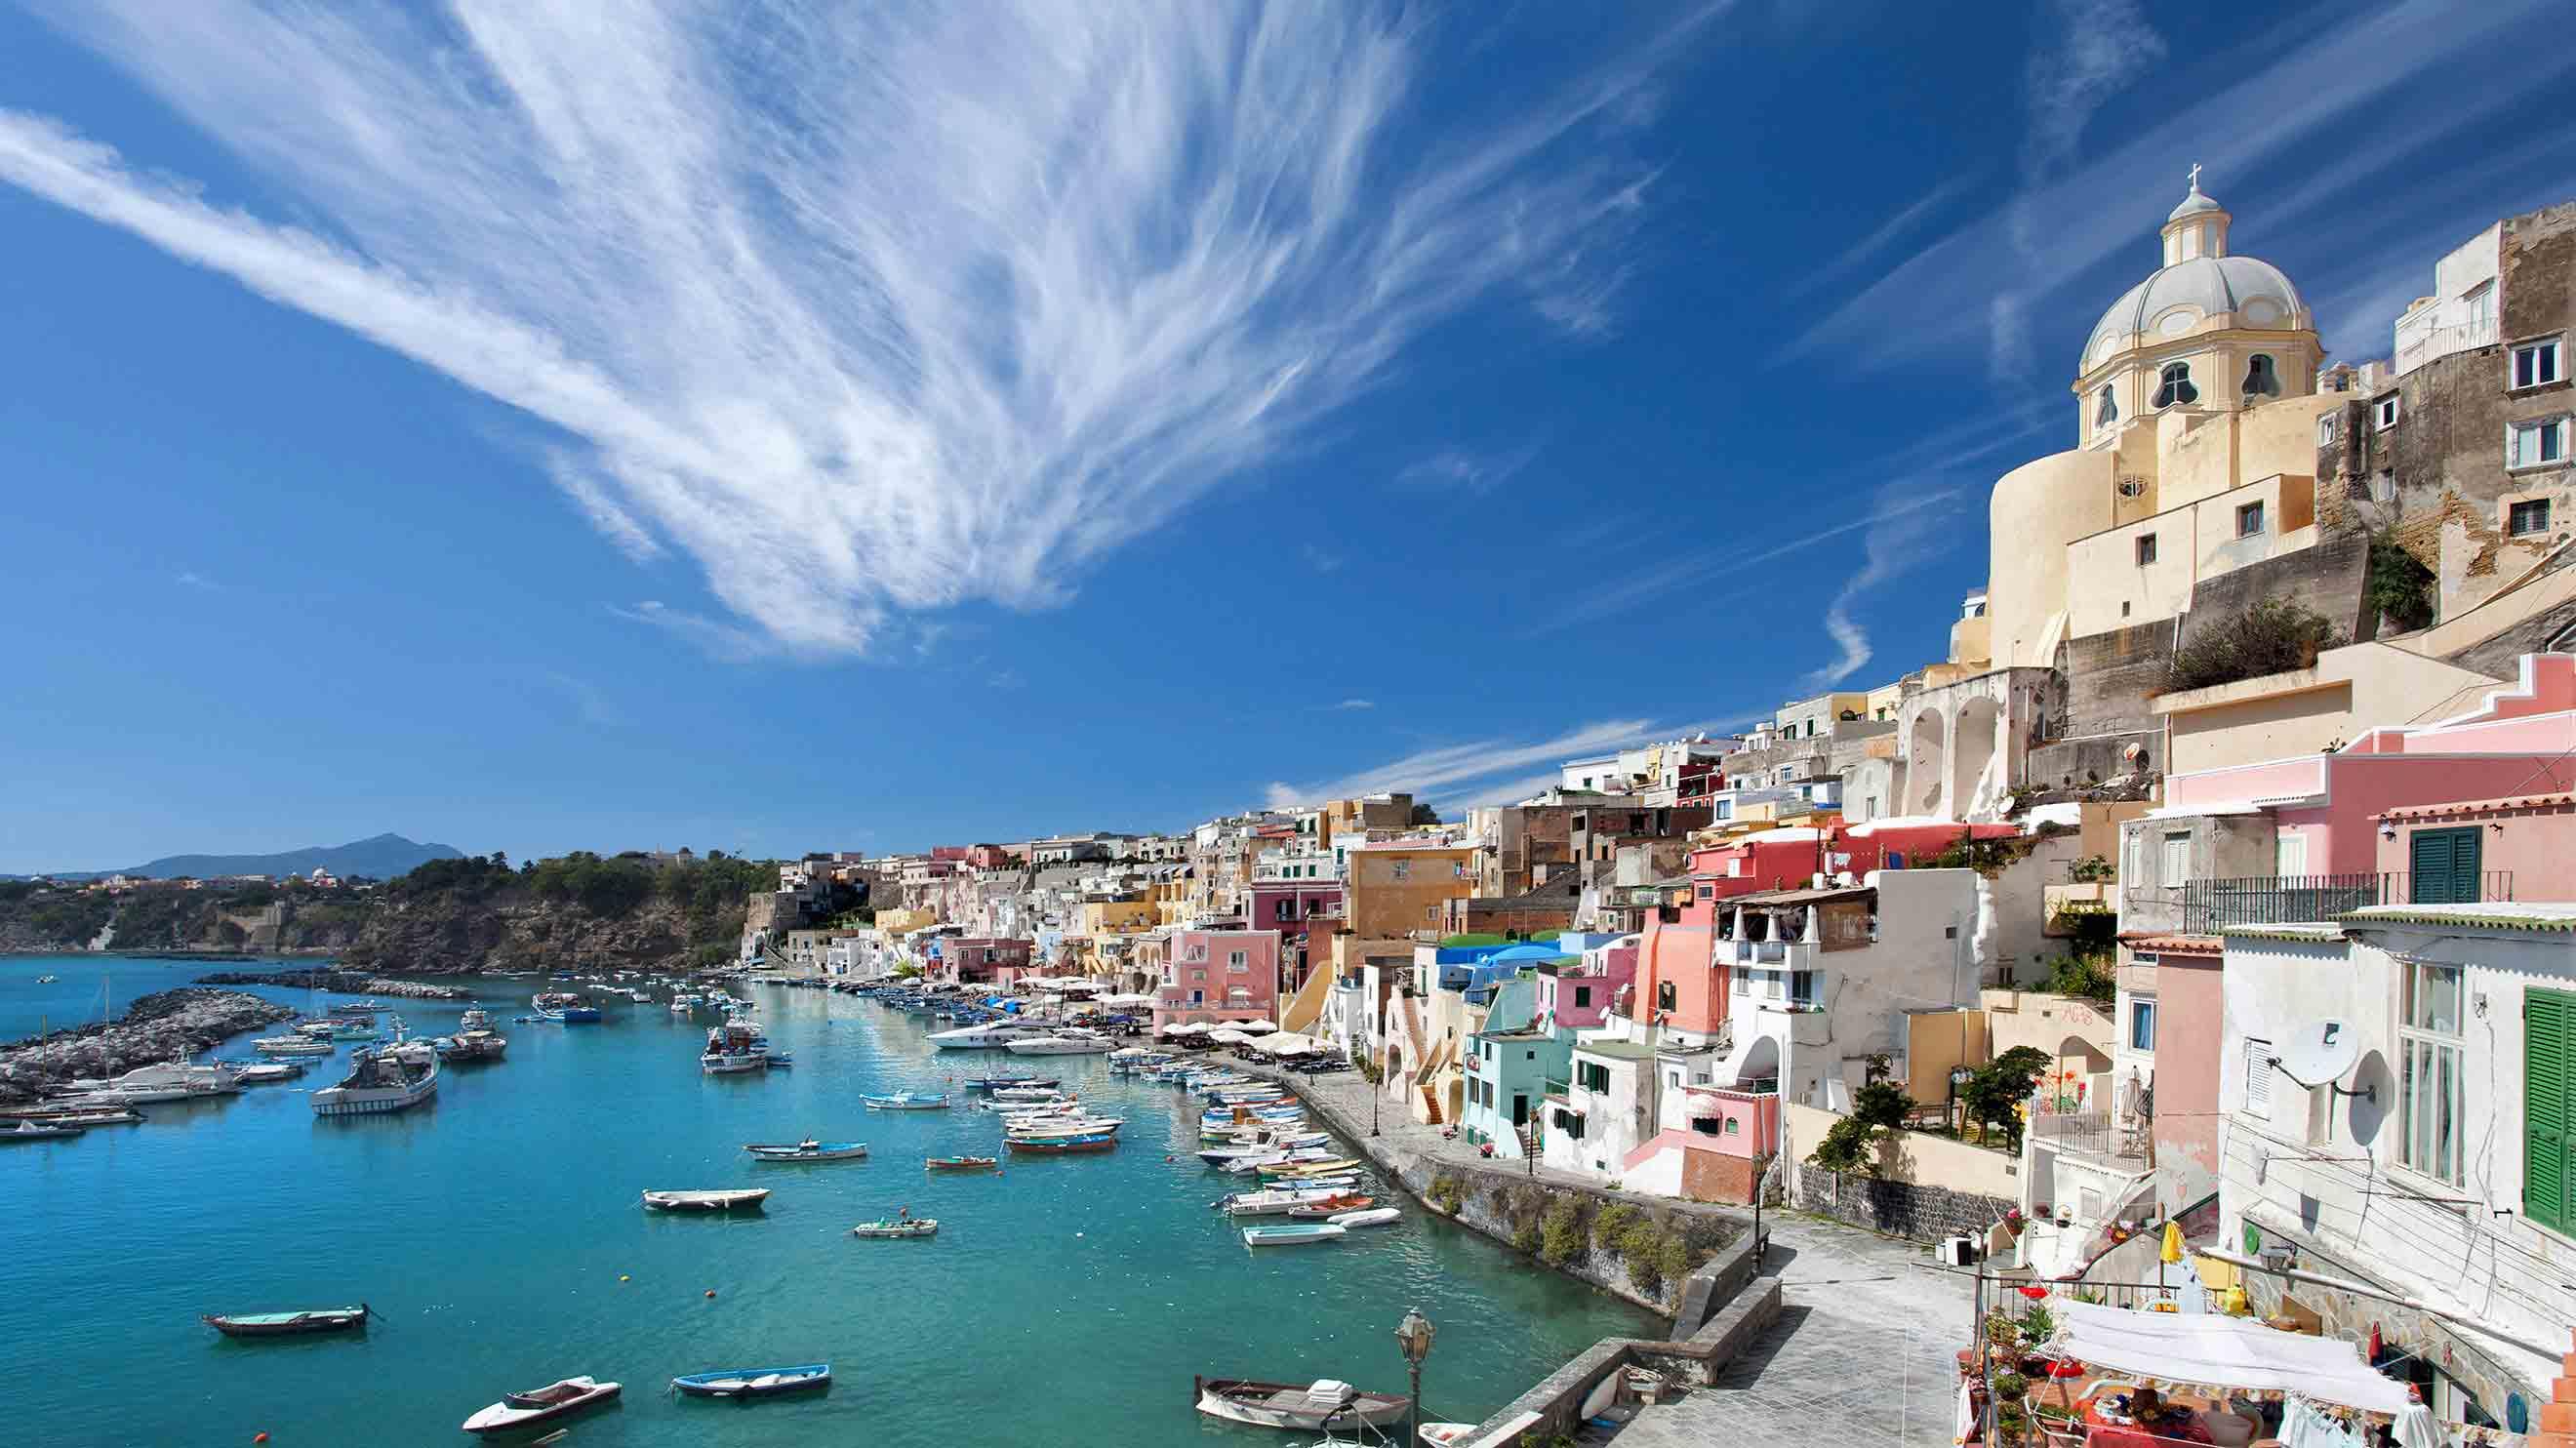 Vacanze a Isole di Ischia e Procida | Viaggio a Isole di Ischia e ...